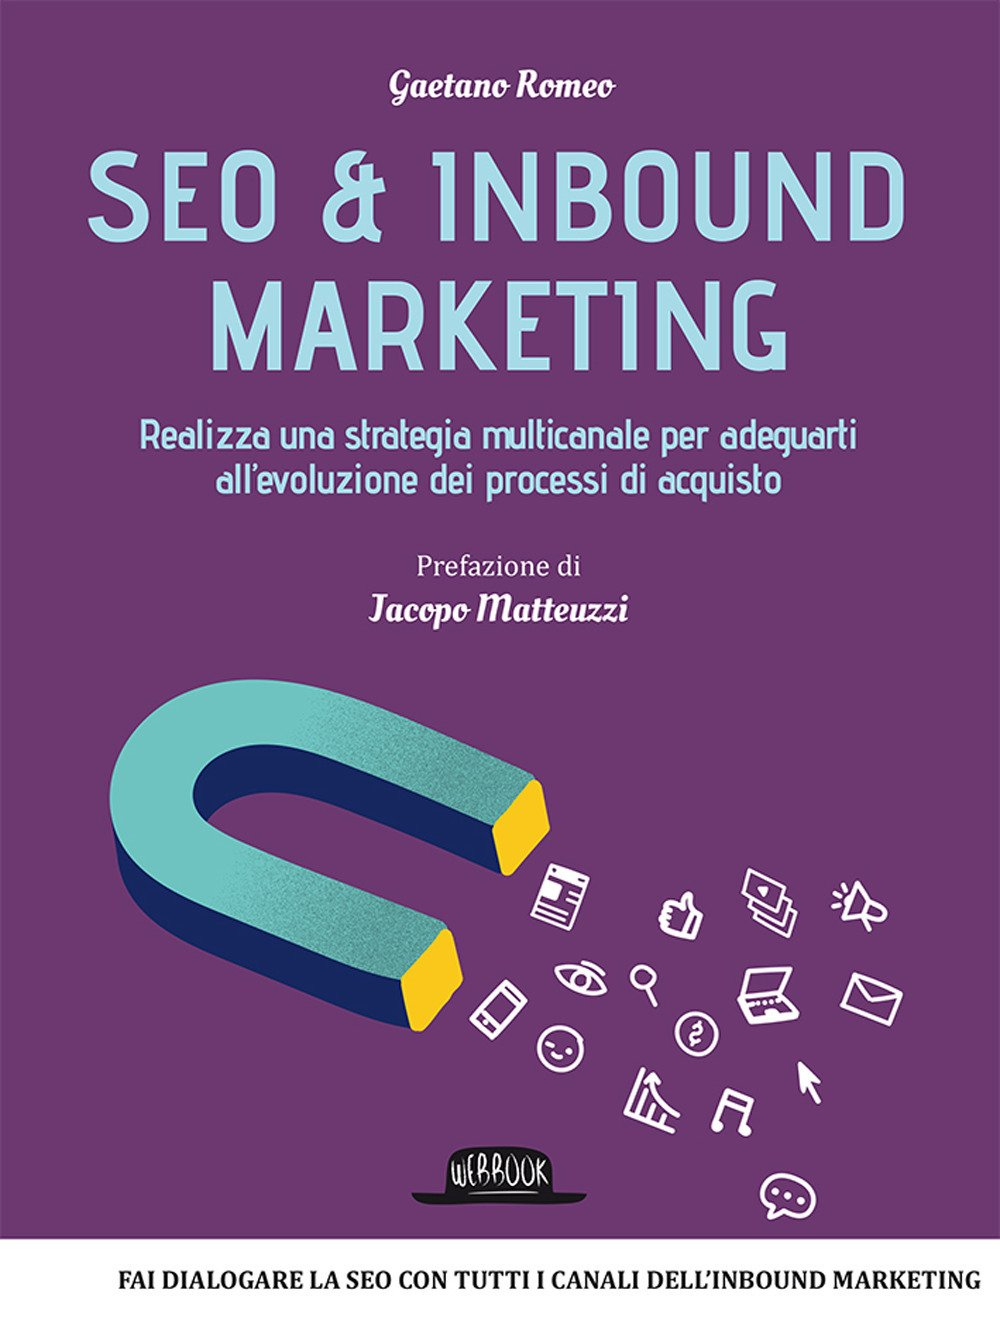 SEO e Inbound Marketing di Gaetano Romeo